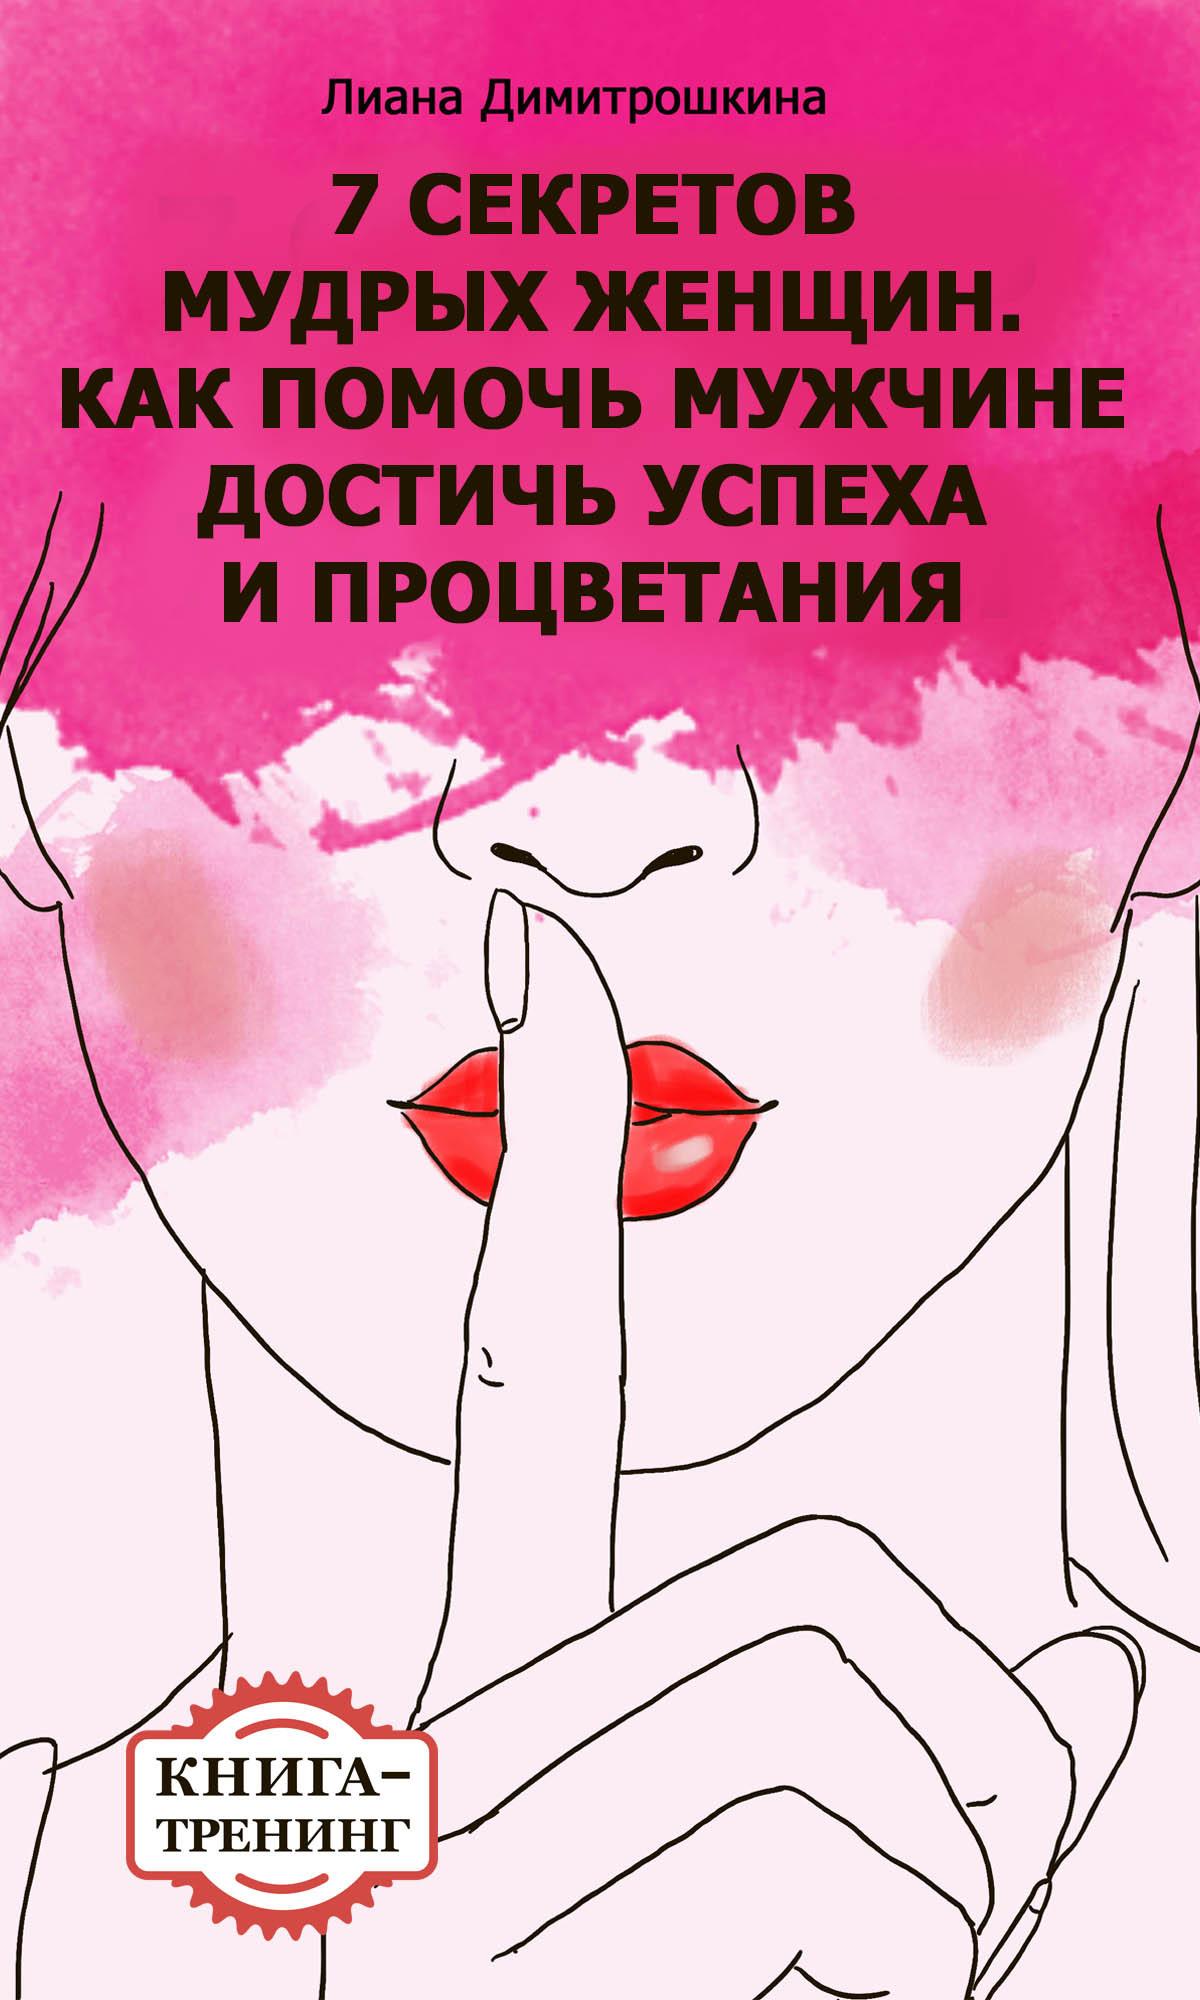 Лиана Димитрошкина «7 секретов мудрых женщин. Как помочь мужчине достичь успеха и процветания. Книга-тренинг»